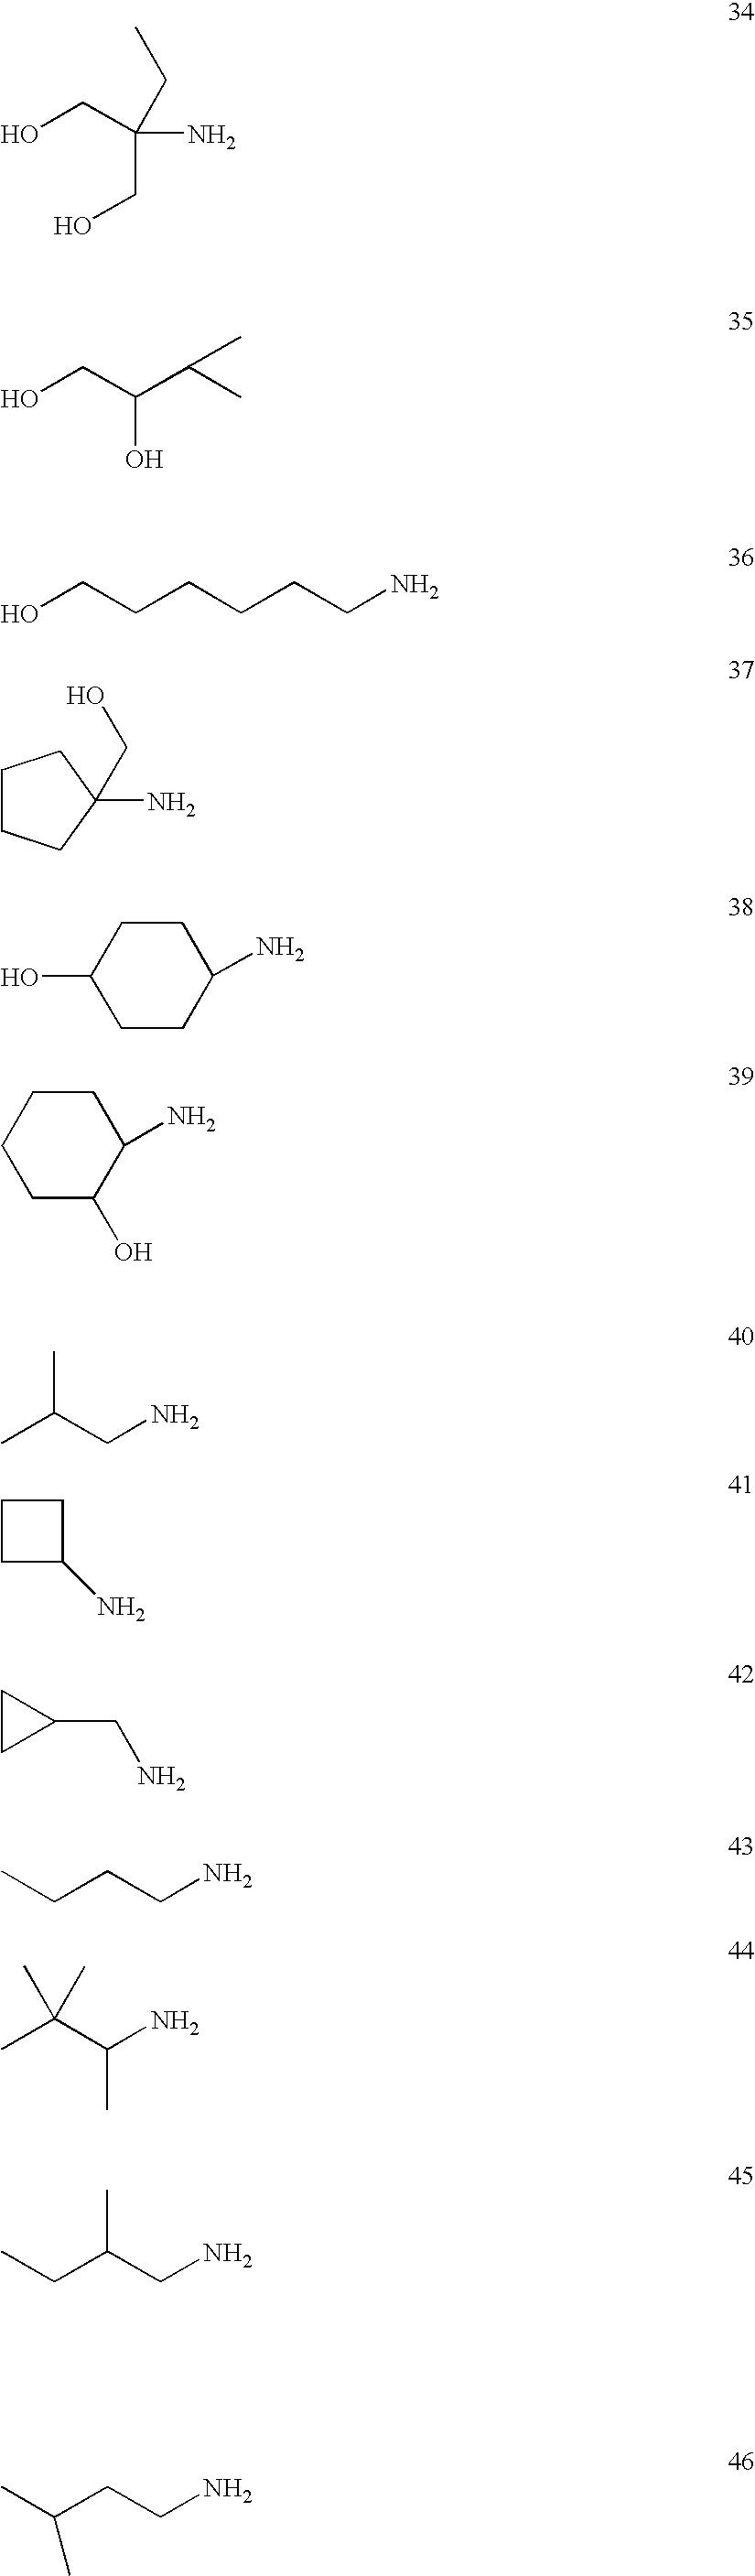 Figure US20050244504A1-20051103-C00020